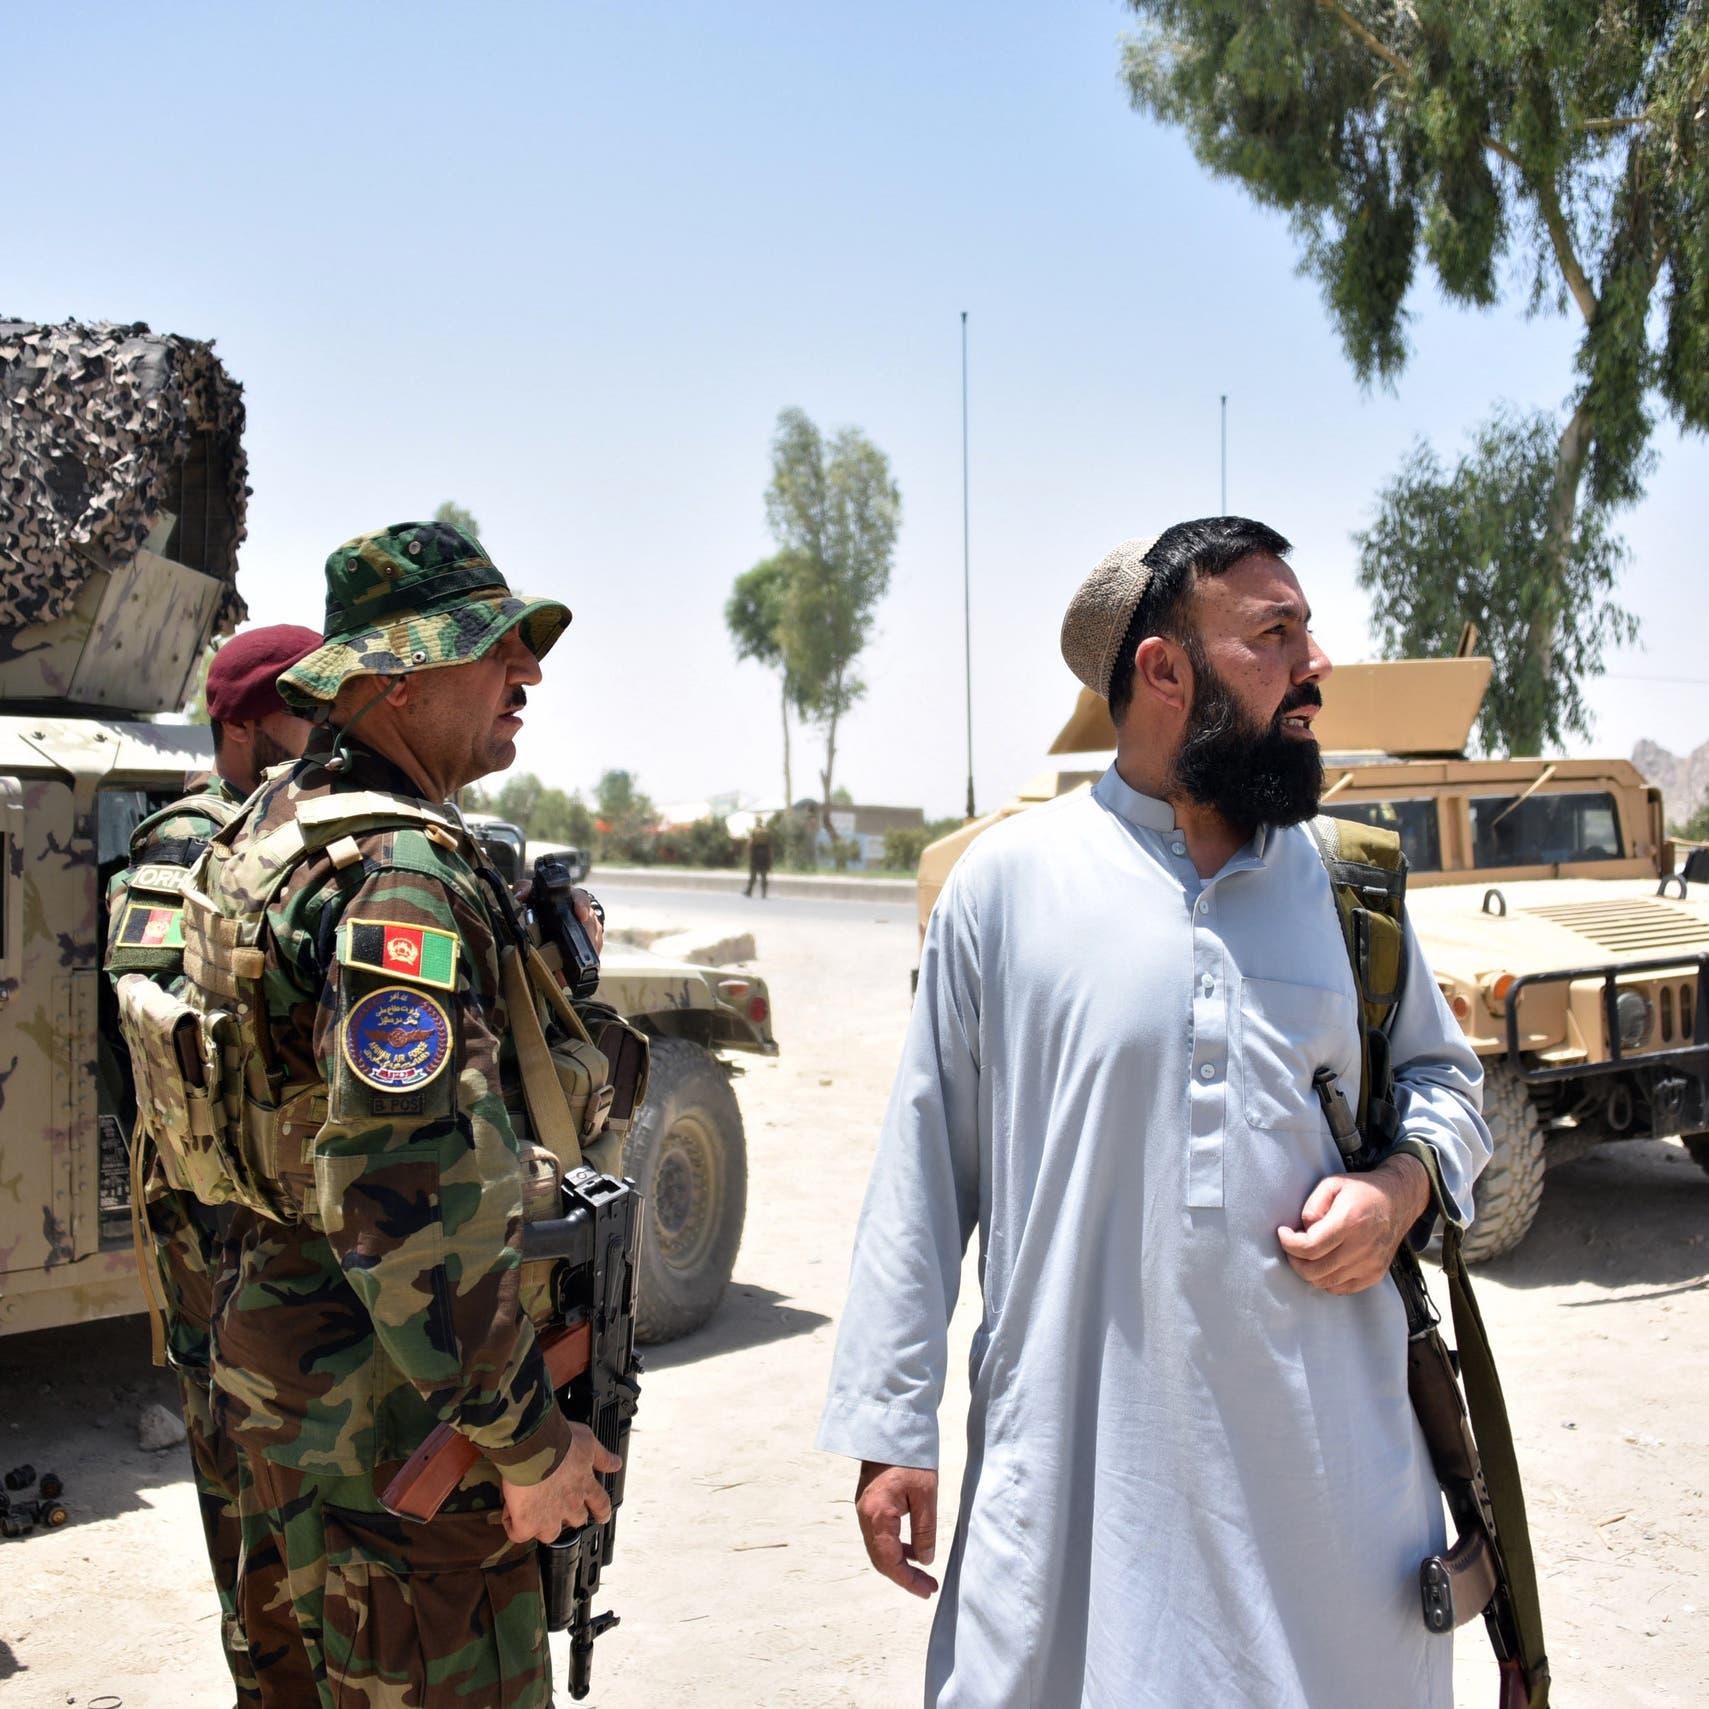 البنتاغون: طالبان لا تسيطر على أي مدينة رئيسية في أفغانستان